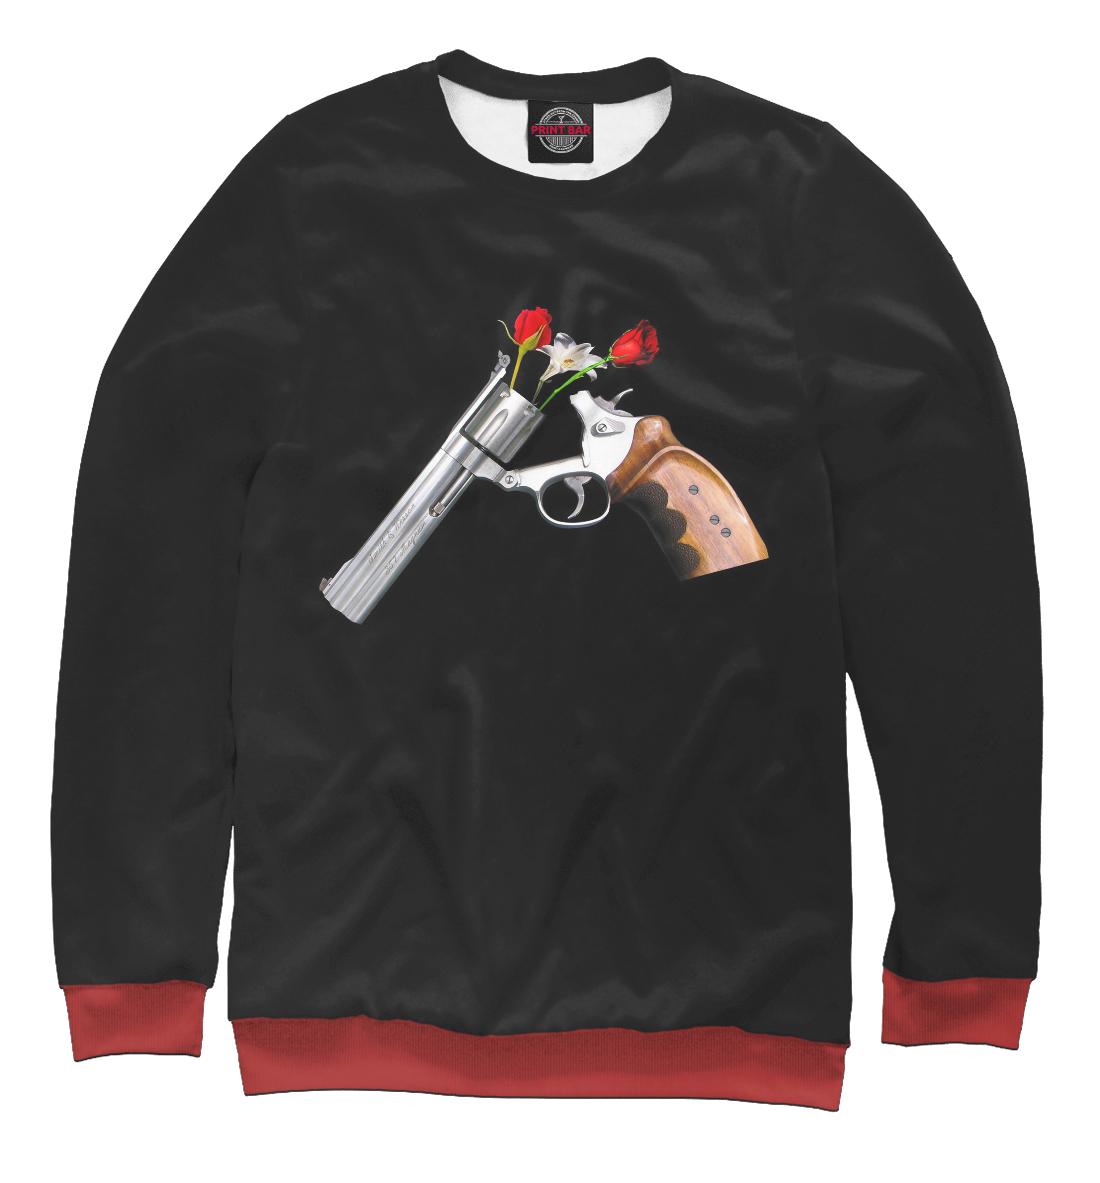 Купить Guns and Roses, Printbar, Свитшоты, GNR-710936-swi-1